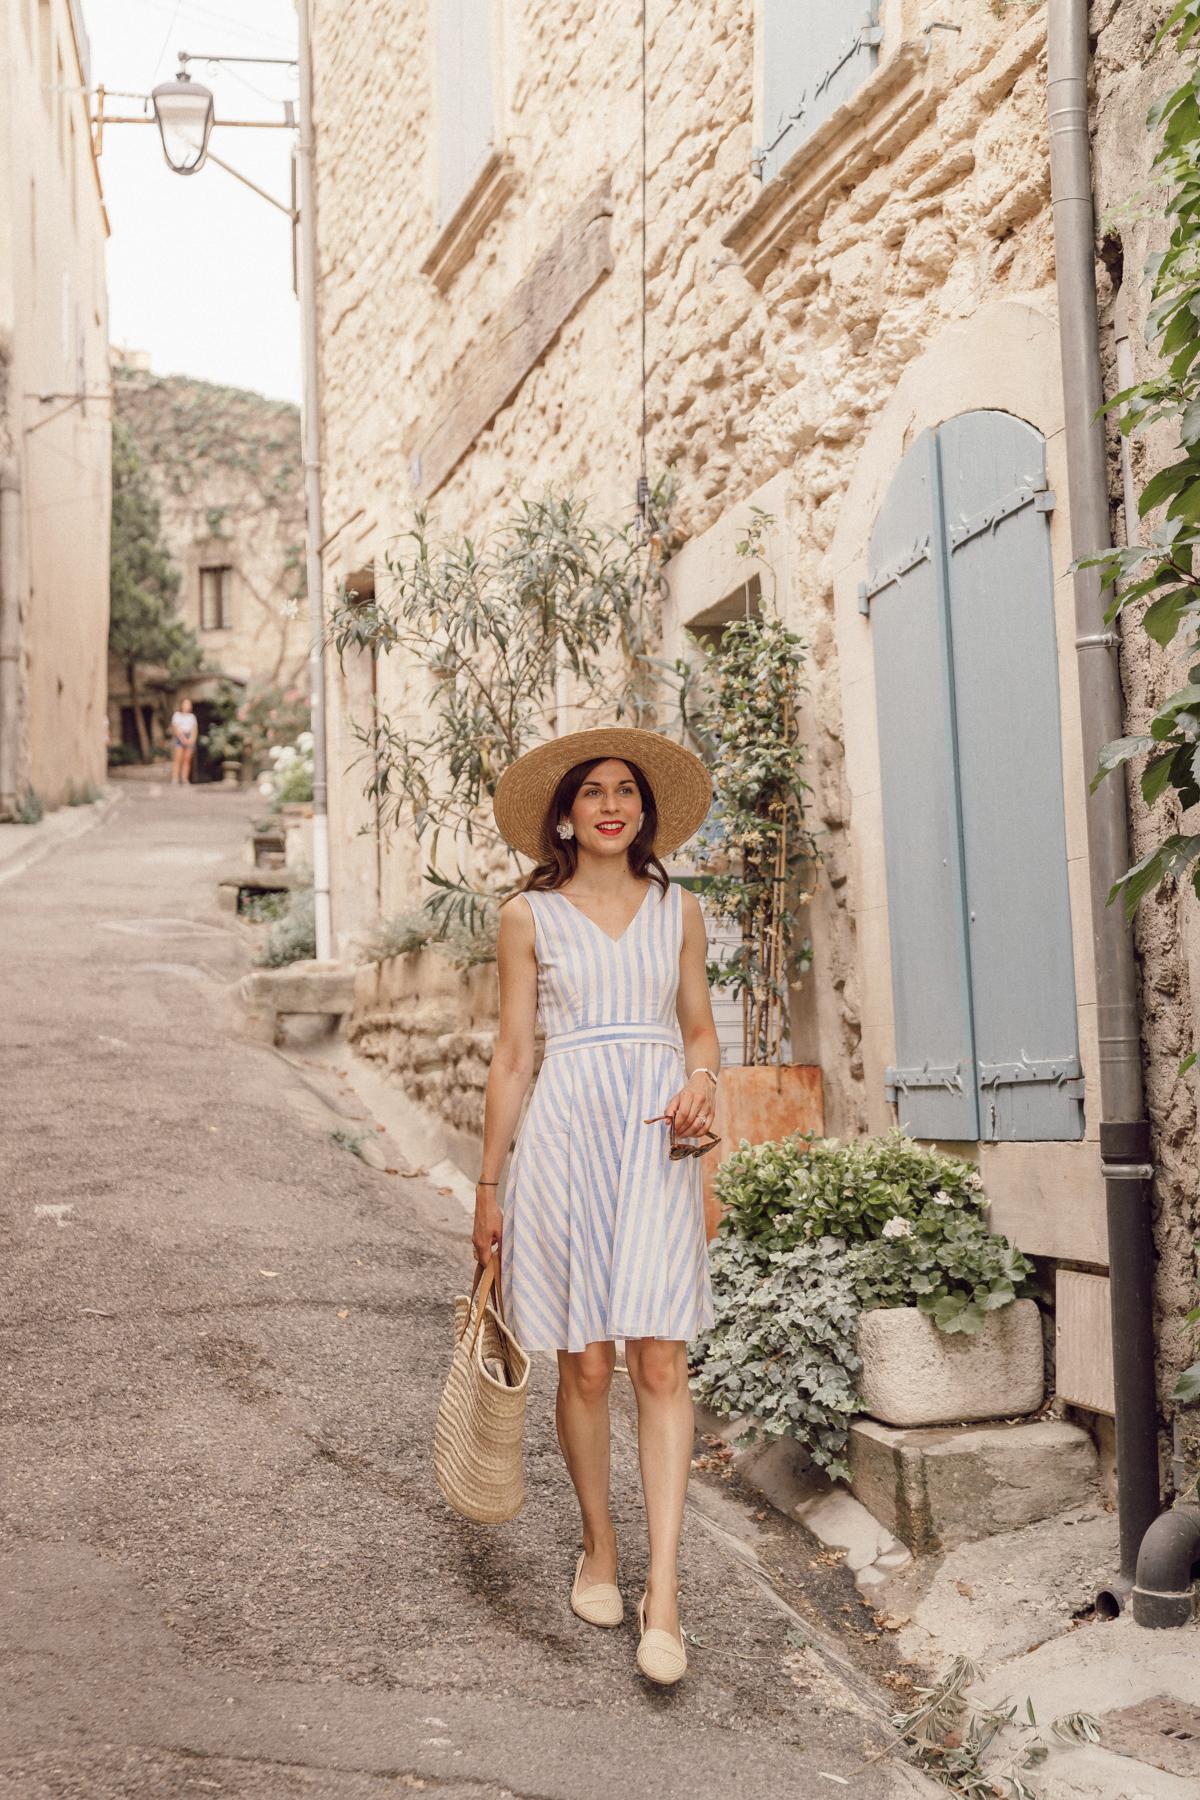 provence-2-bonnieux-apt